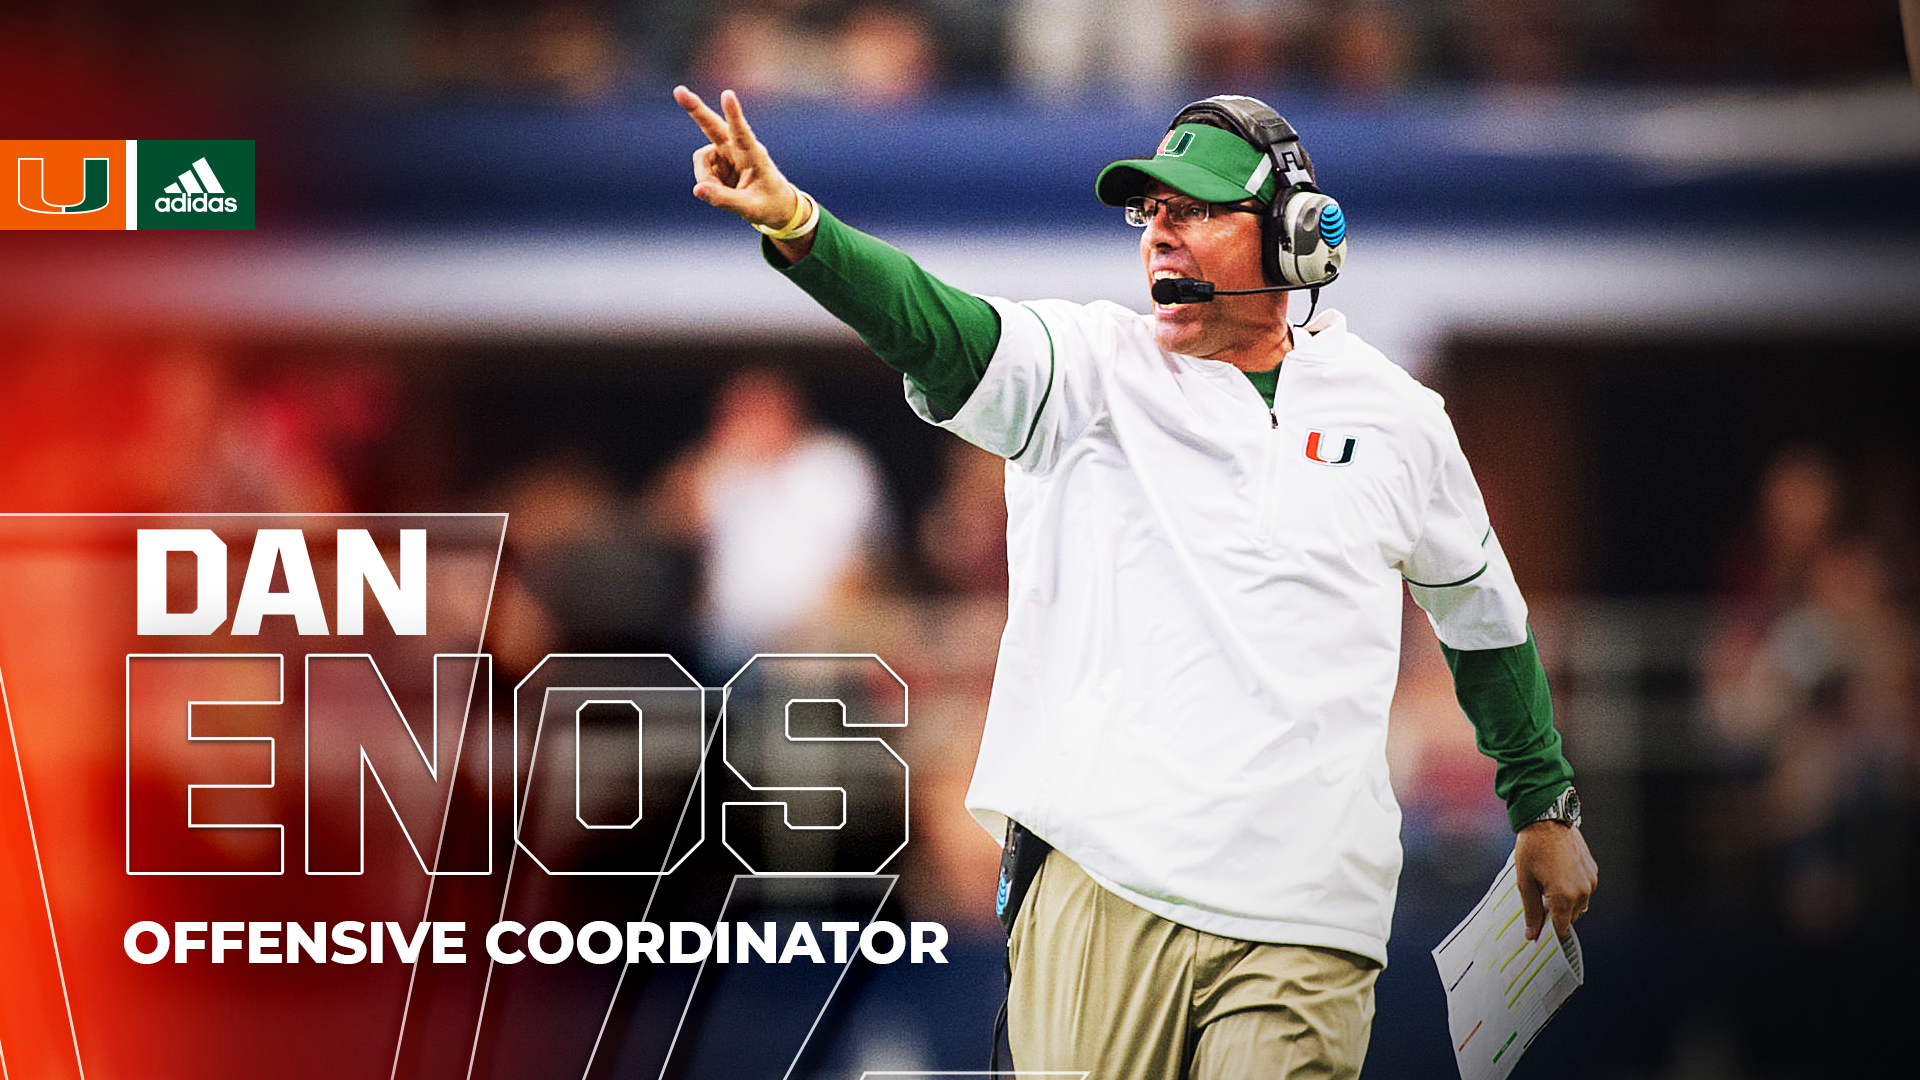 Miami Hires Enos as Offensive Coordinator/Quarterbacks Coach